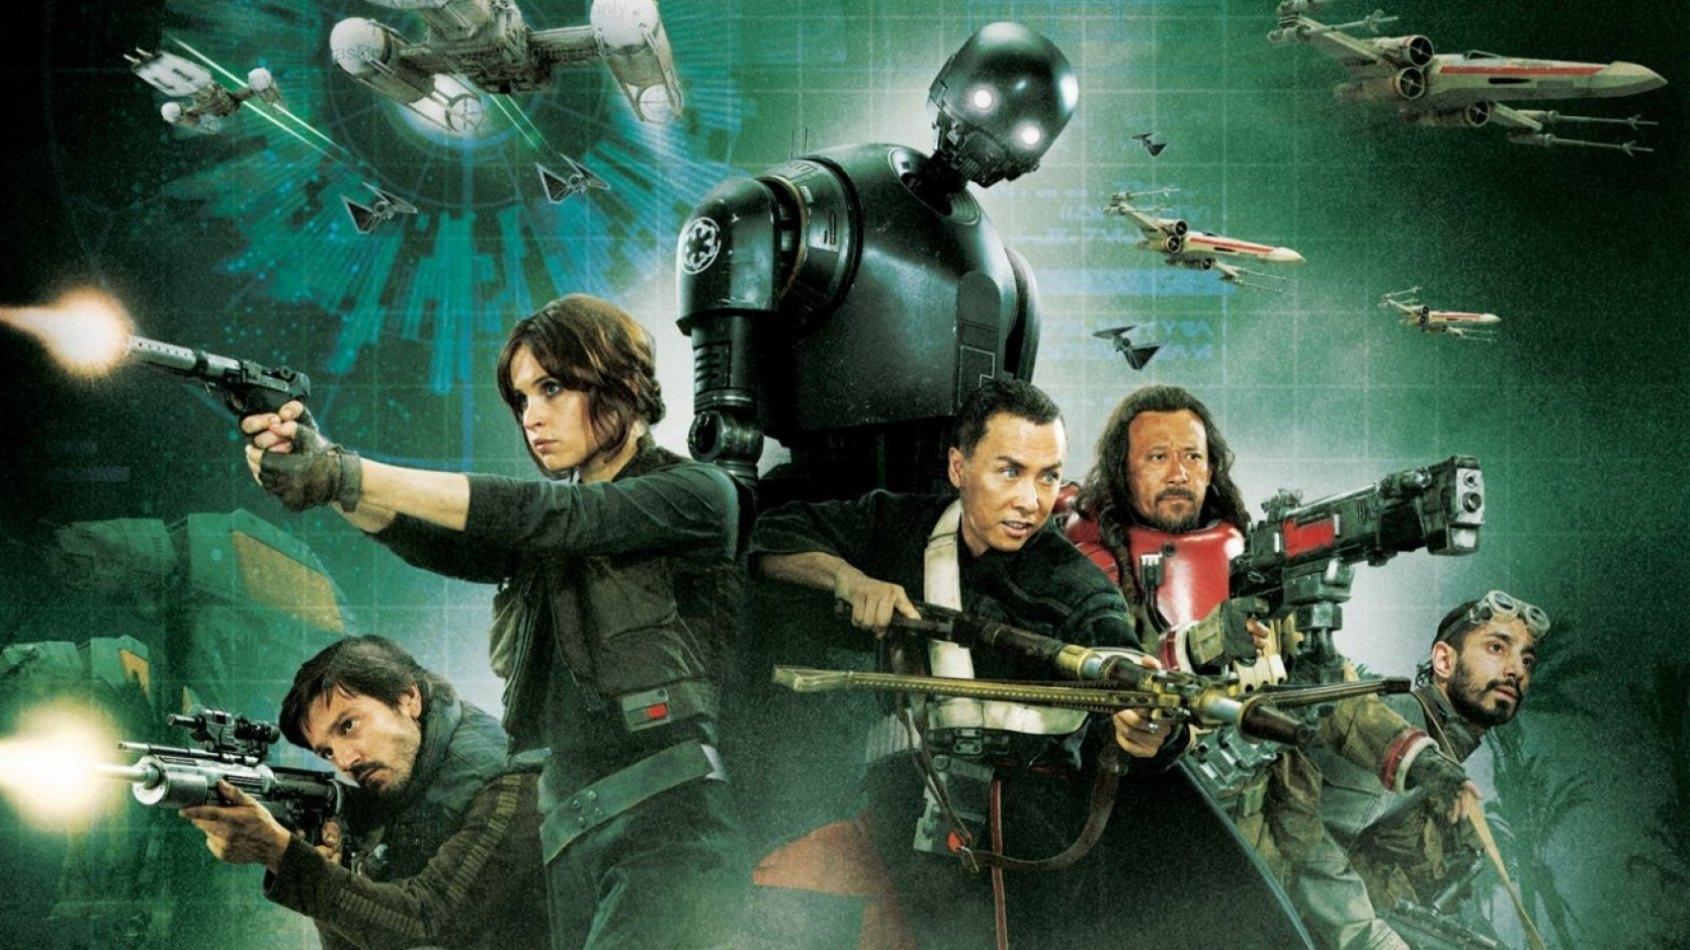 Nouvelles scènes à tourner en perspective pour Rogue One